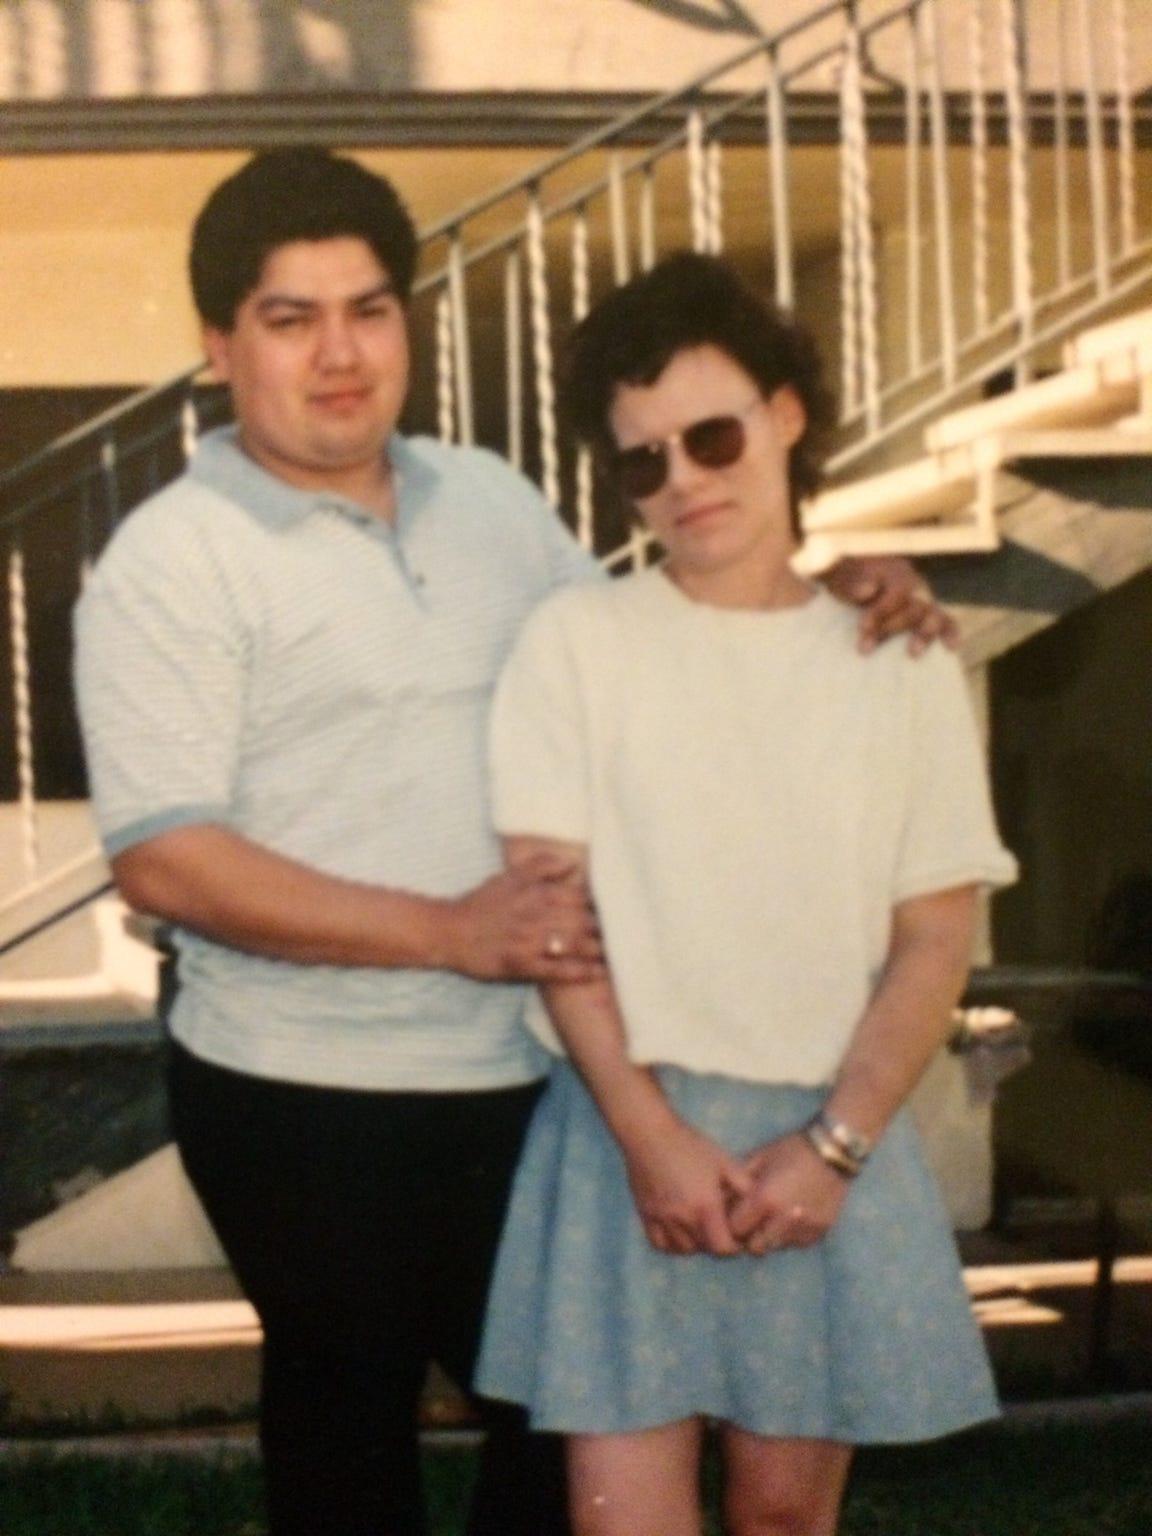 Luis Rios and his ex-wife Becky Rios.